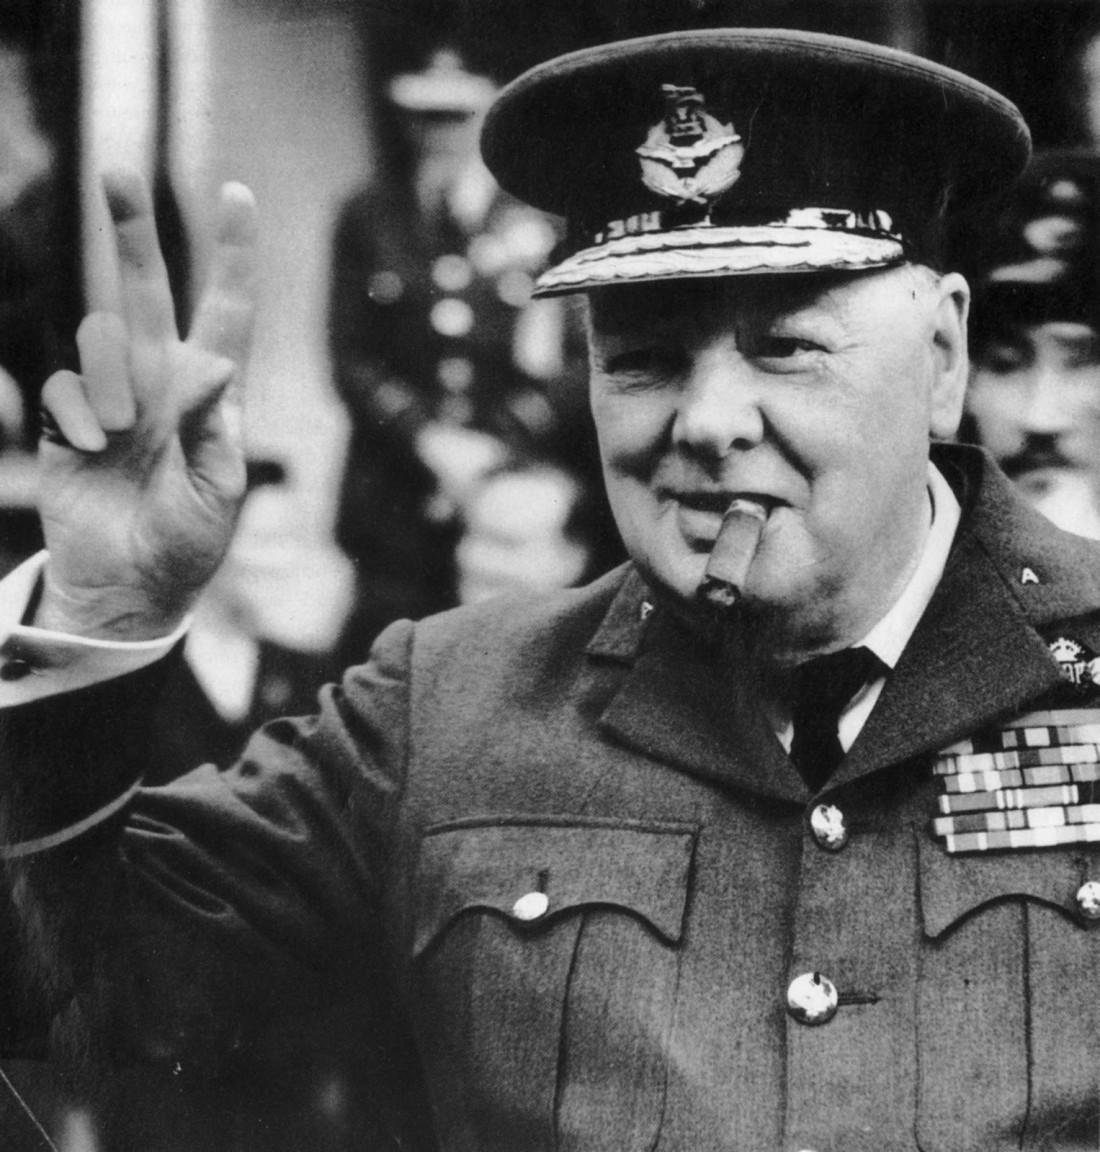 Уинстон Черчилль всегда любил и пил крепкое спиртное